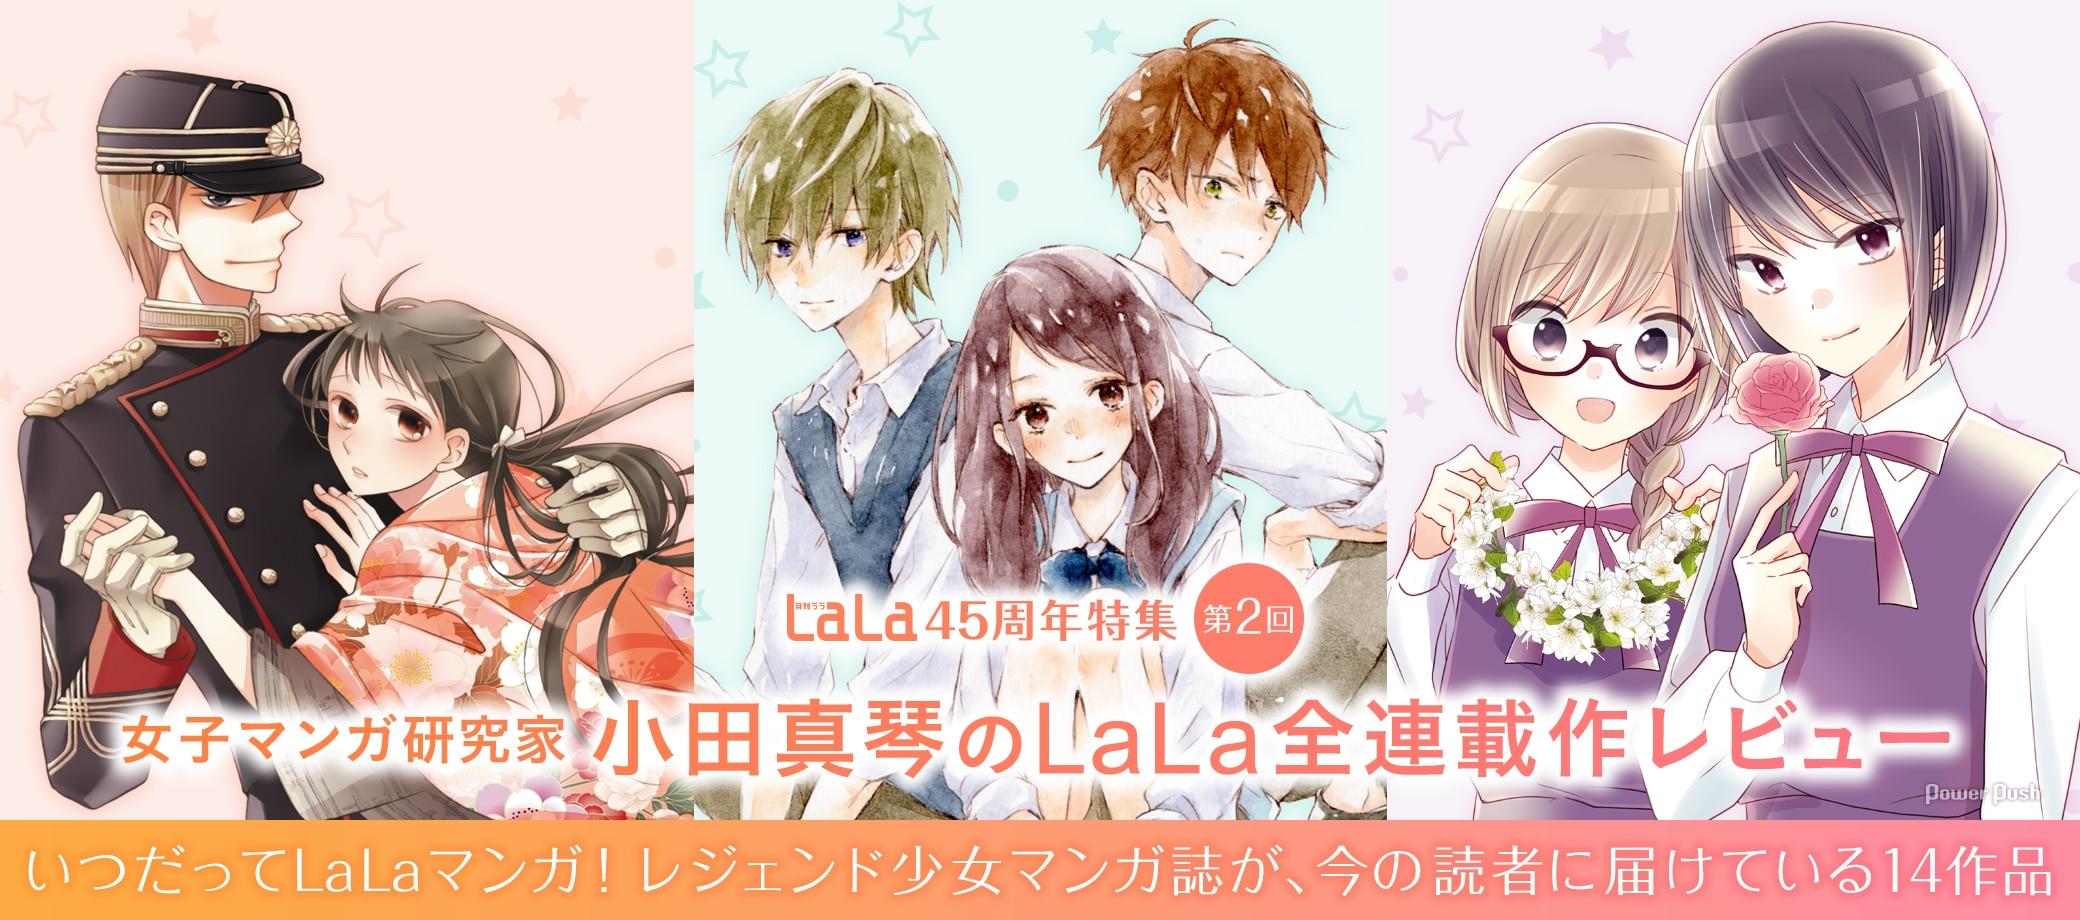 LaLa45周年特集 第2回 女子マンガ研究家・小田真琴のLaLa全連載作レビュー|いつだってLaLaマンガ! レジェンド少女マンガ誌が、今の読者に届けている14作品